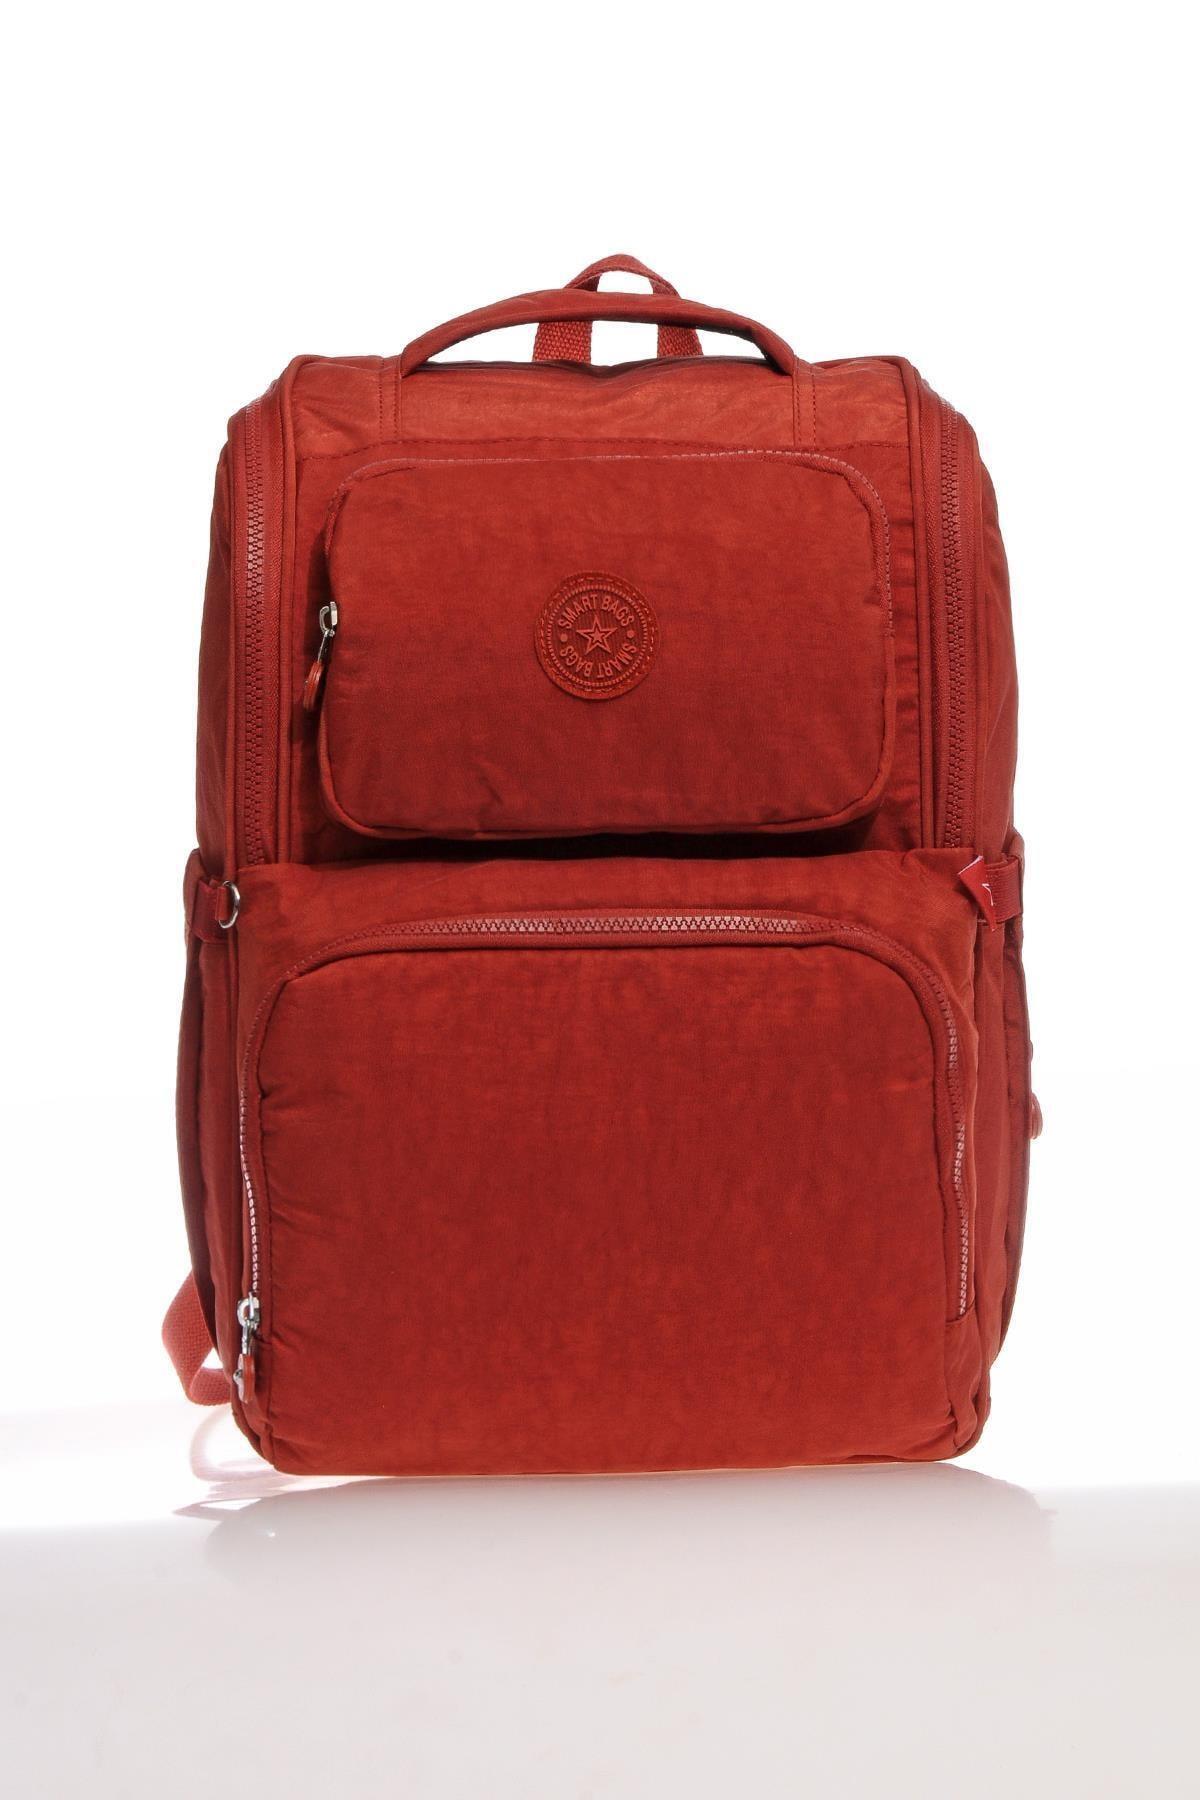 SMART BAGS Smb3000-0019 Kırmızı Kadın Bebek Bakım Sırt Çantası 2